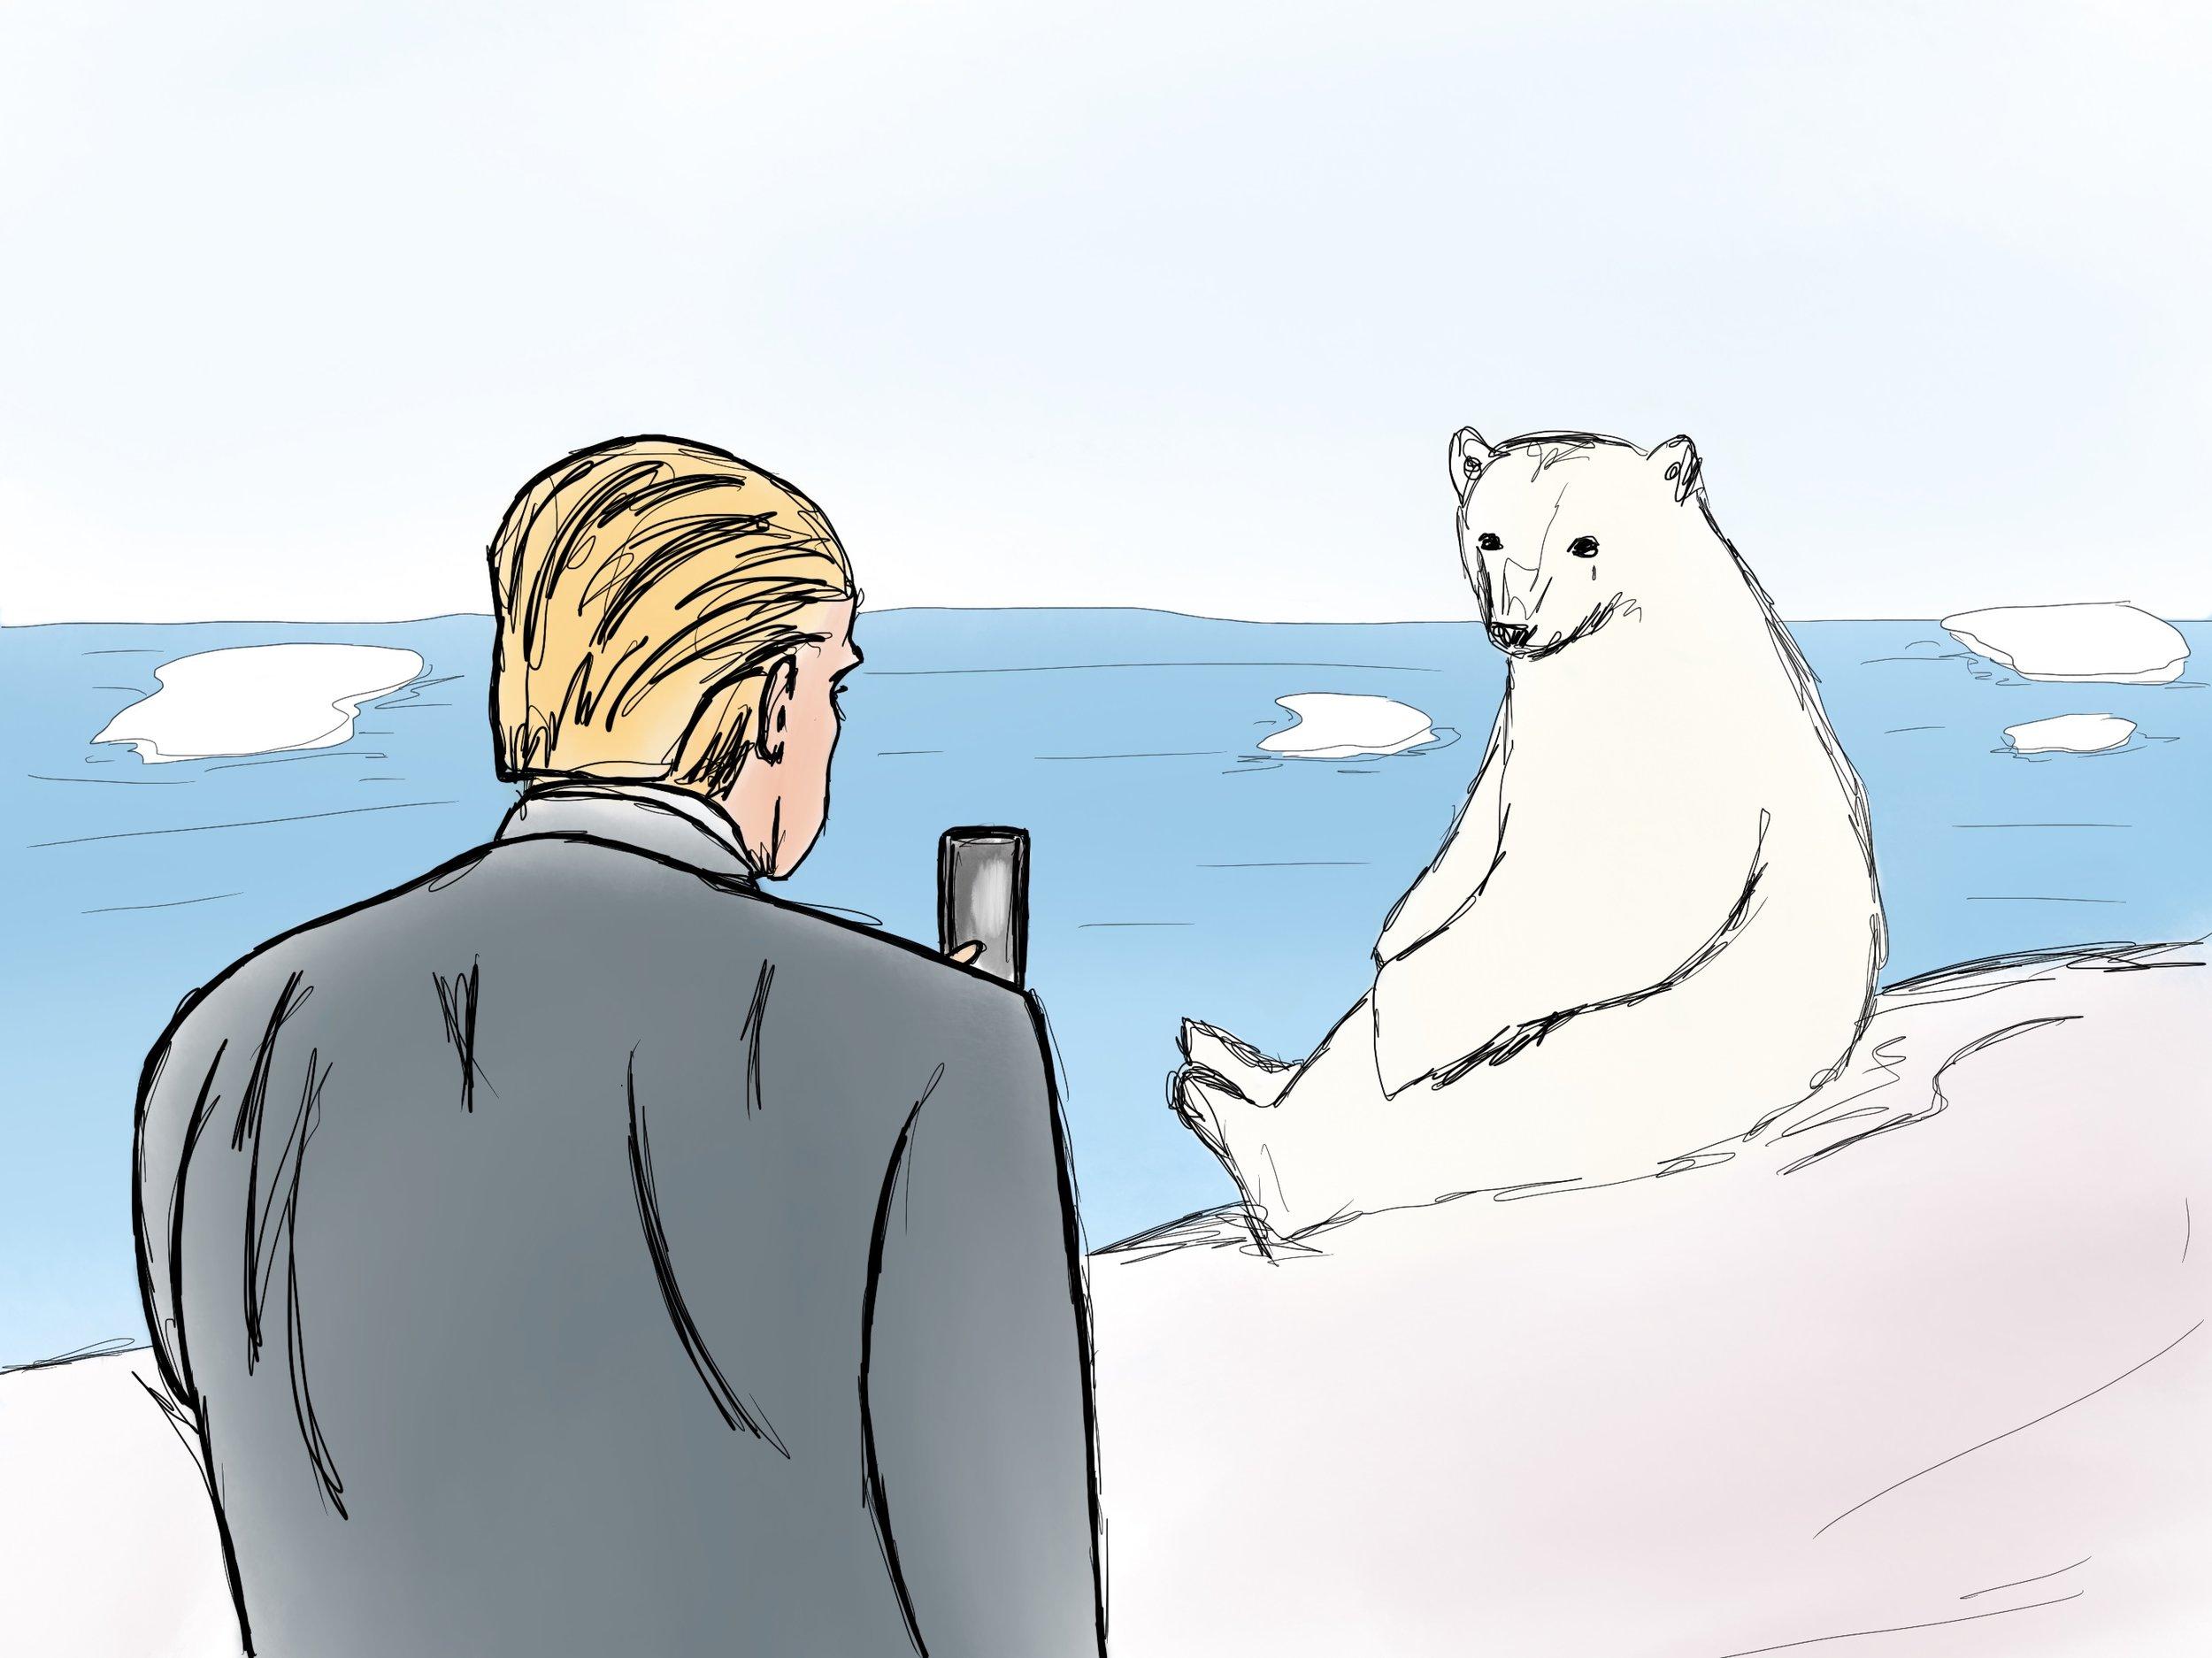 Illustration by Pyper Witt